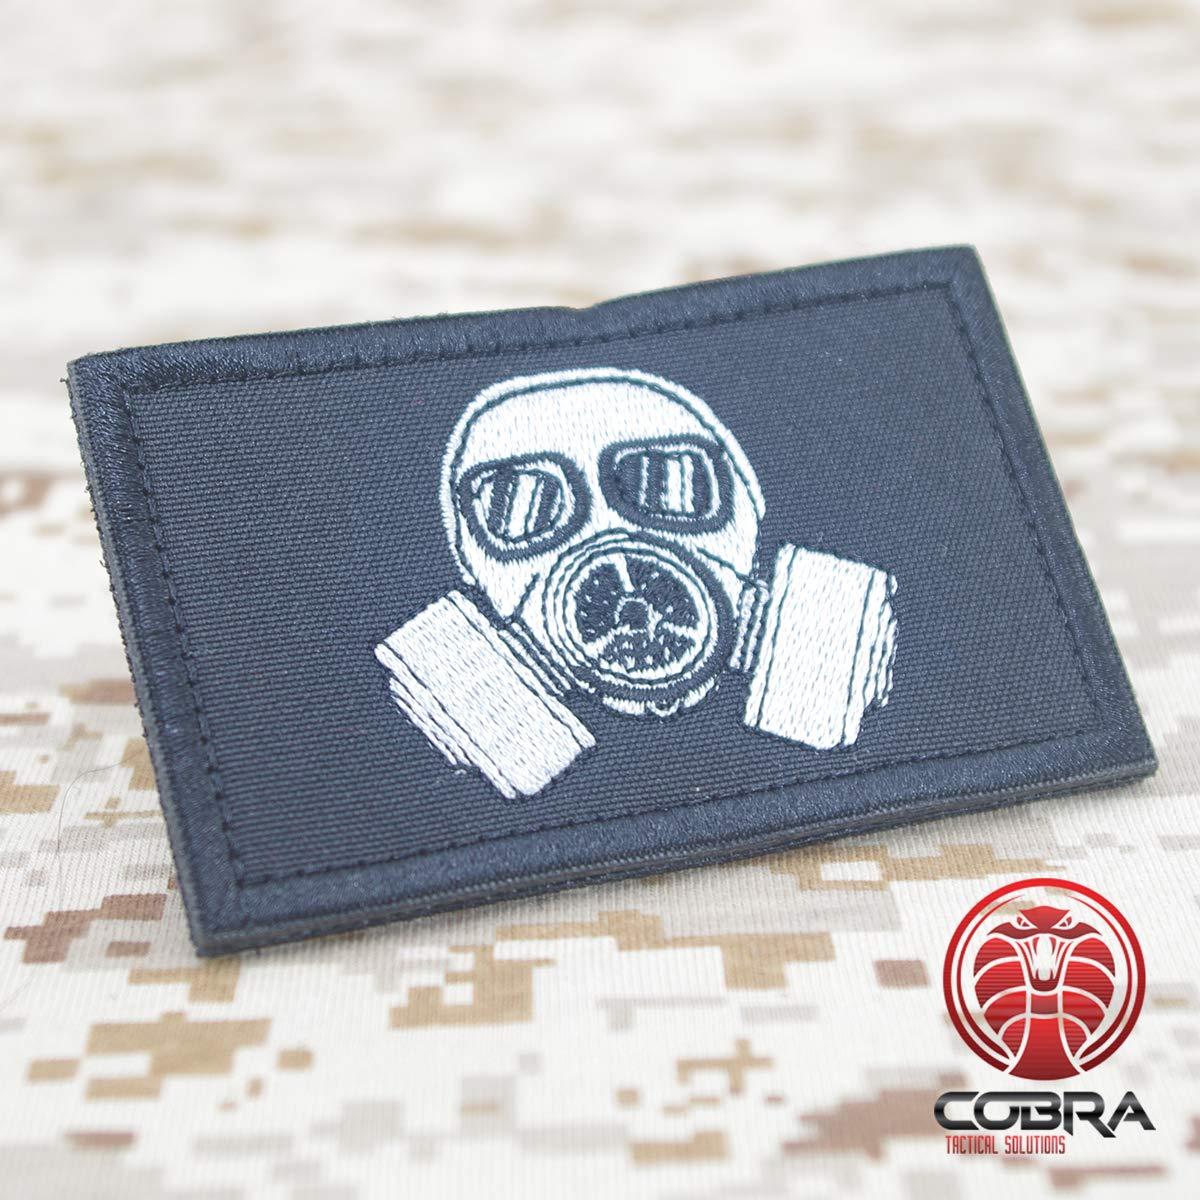 Parche de Bordado Militar para m/áscara de Gas de Riesgo biol/ógico con Gancho y Bucle para Airsoft//Paintball COBRA Tactical Solutions